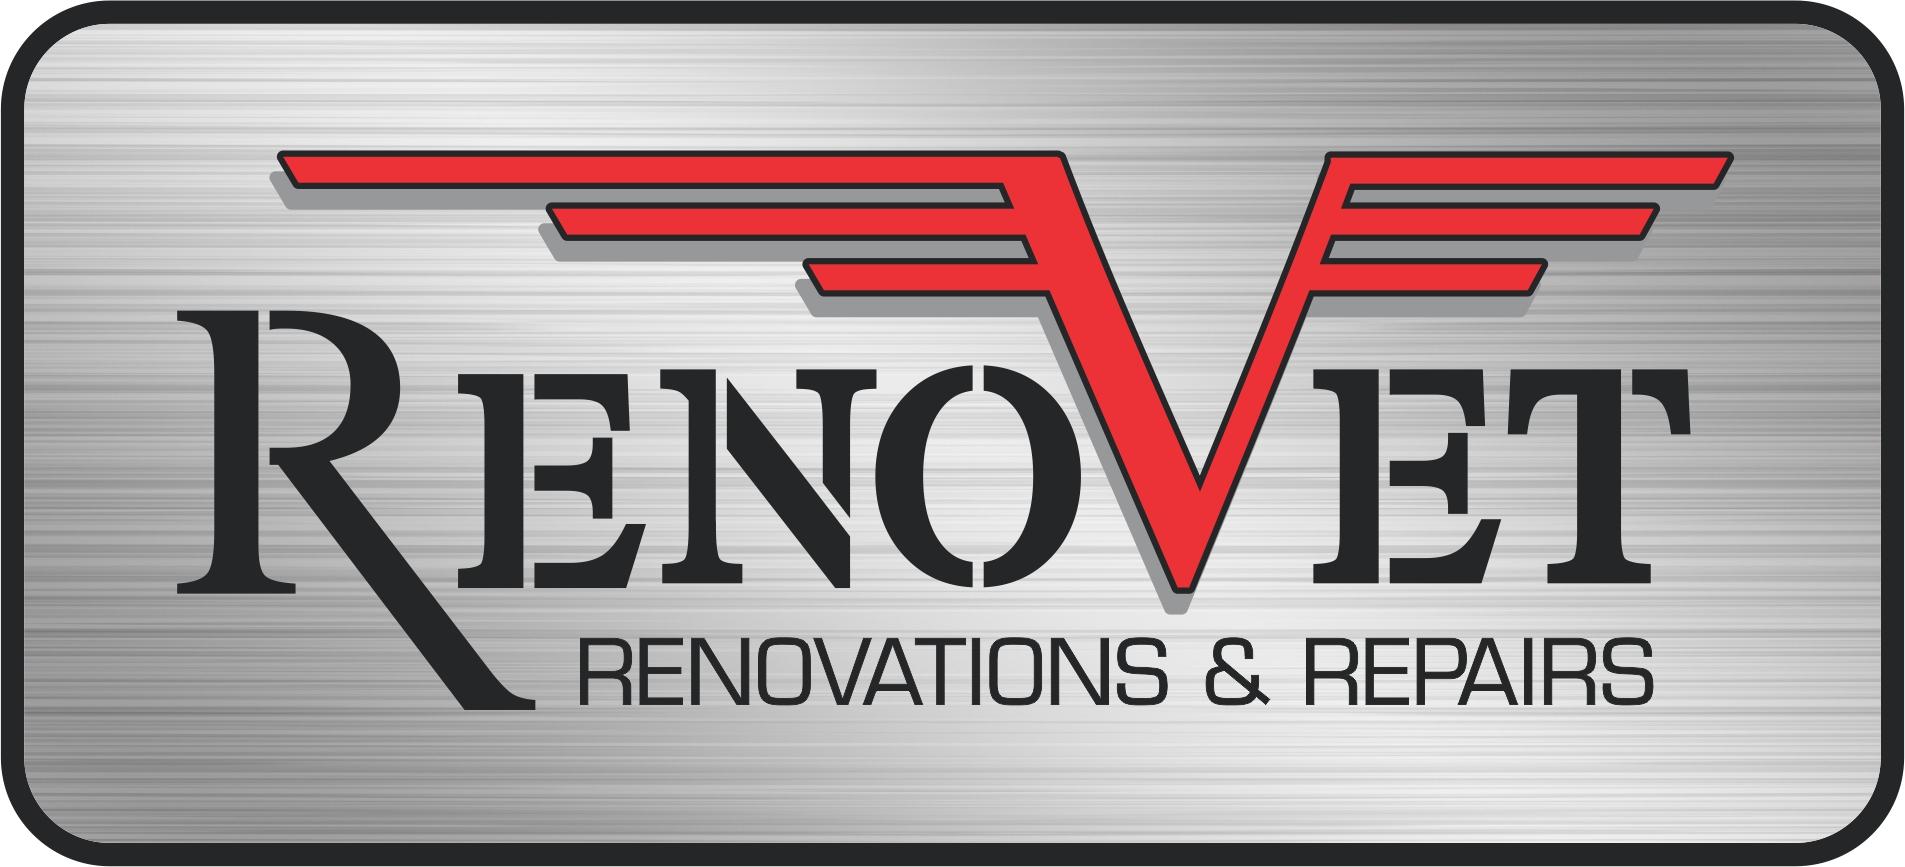 renovet inc renovations and repairs